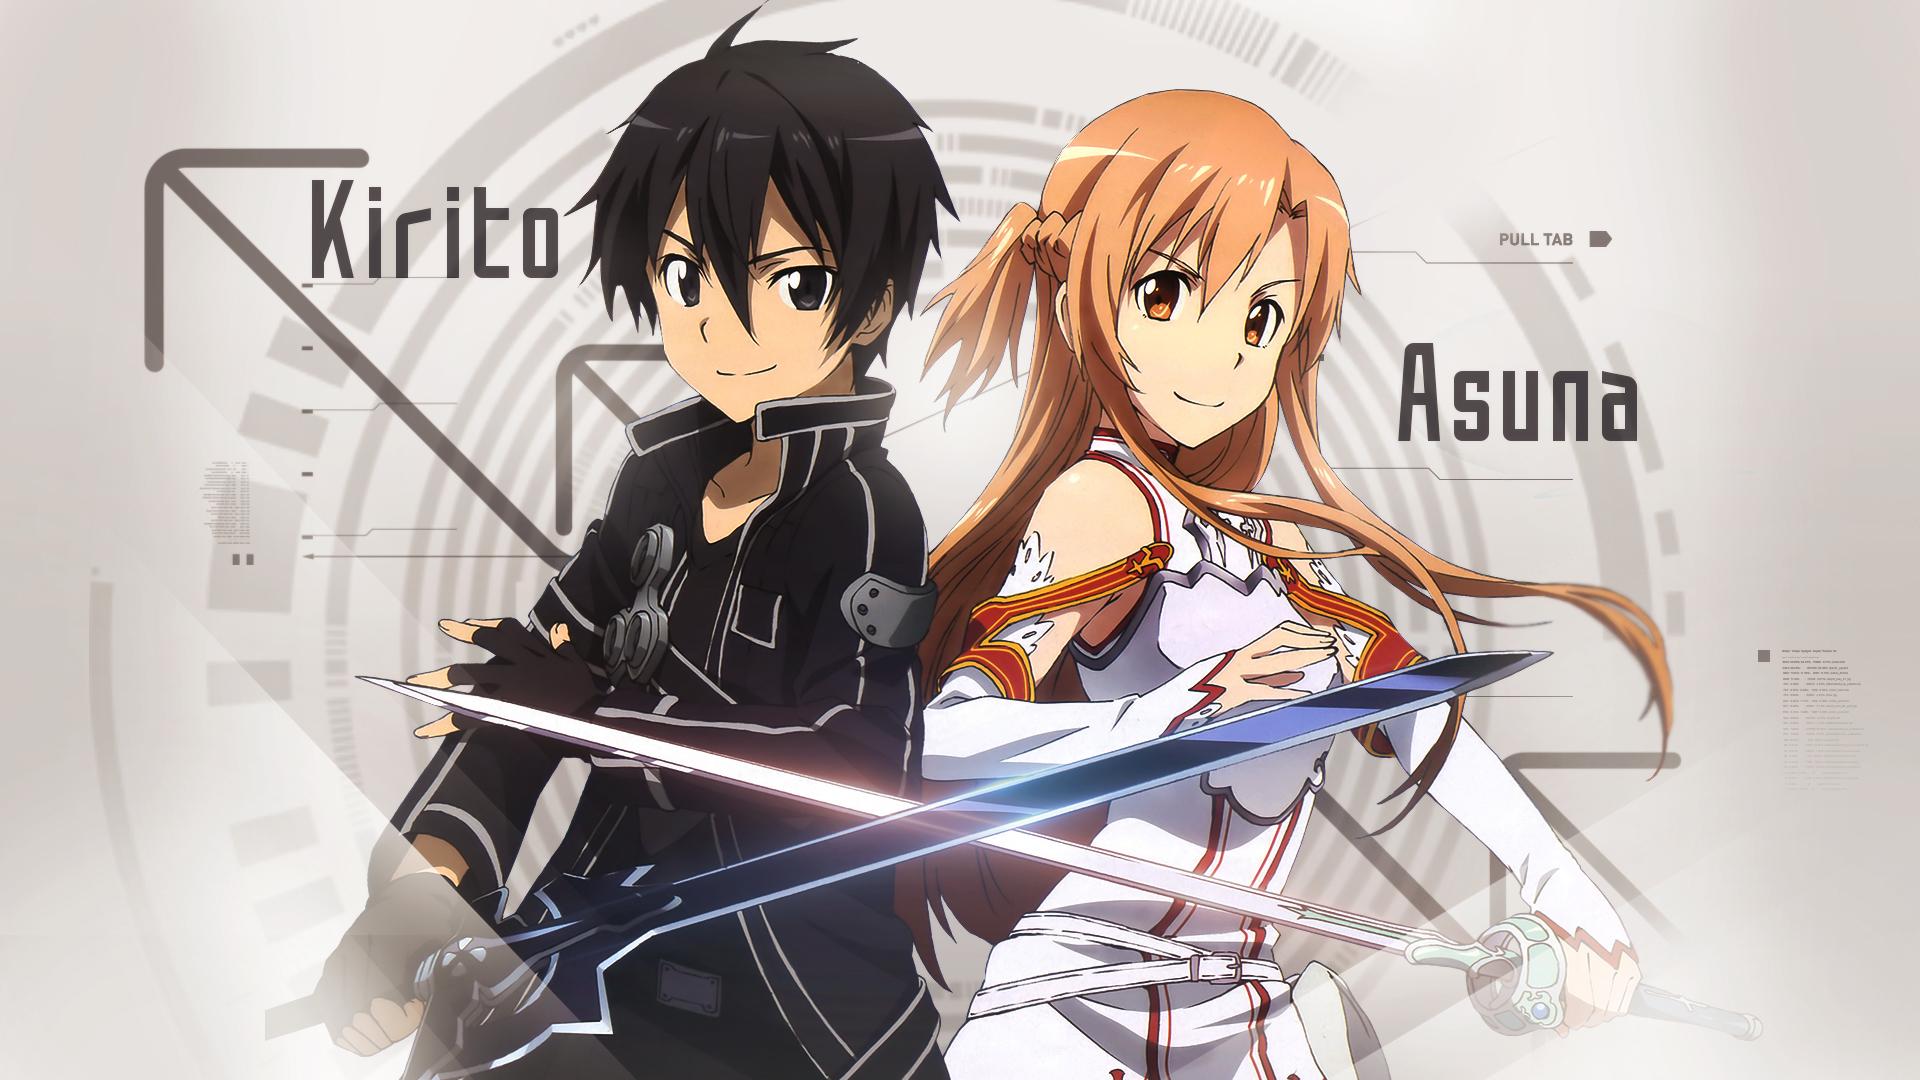 Sword Art Online HD Wallpaper | Background Image ... Sword Art Online Wallpaper 1920x1080 Yui